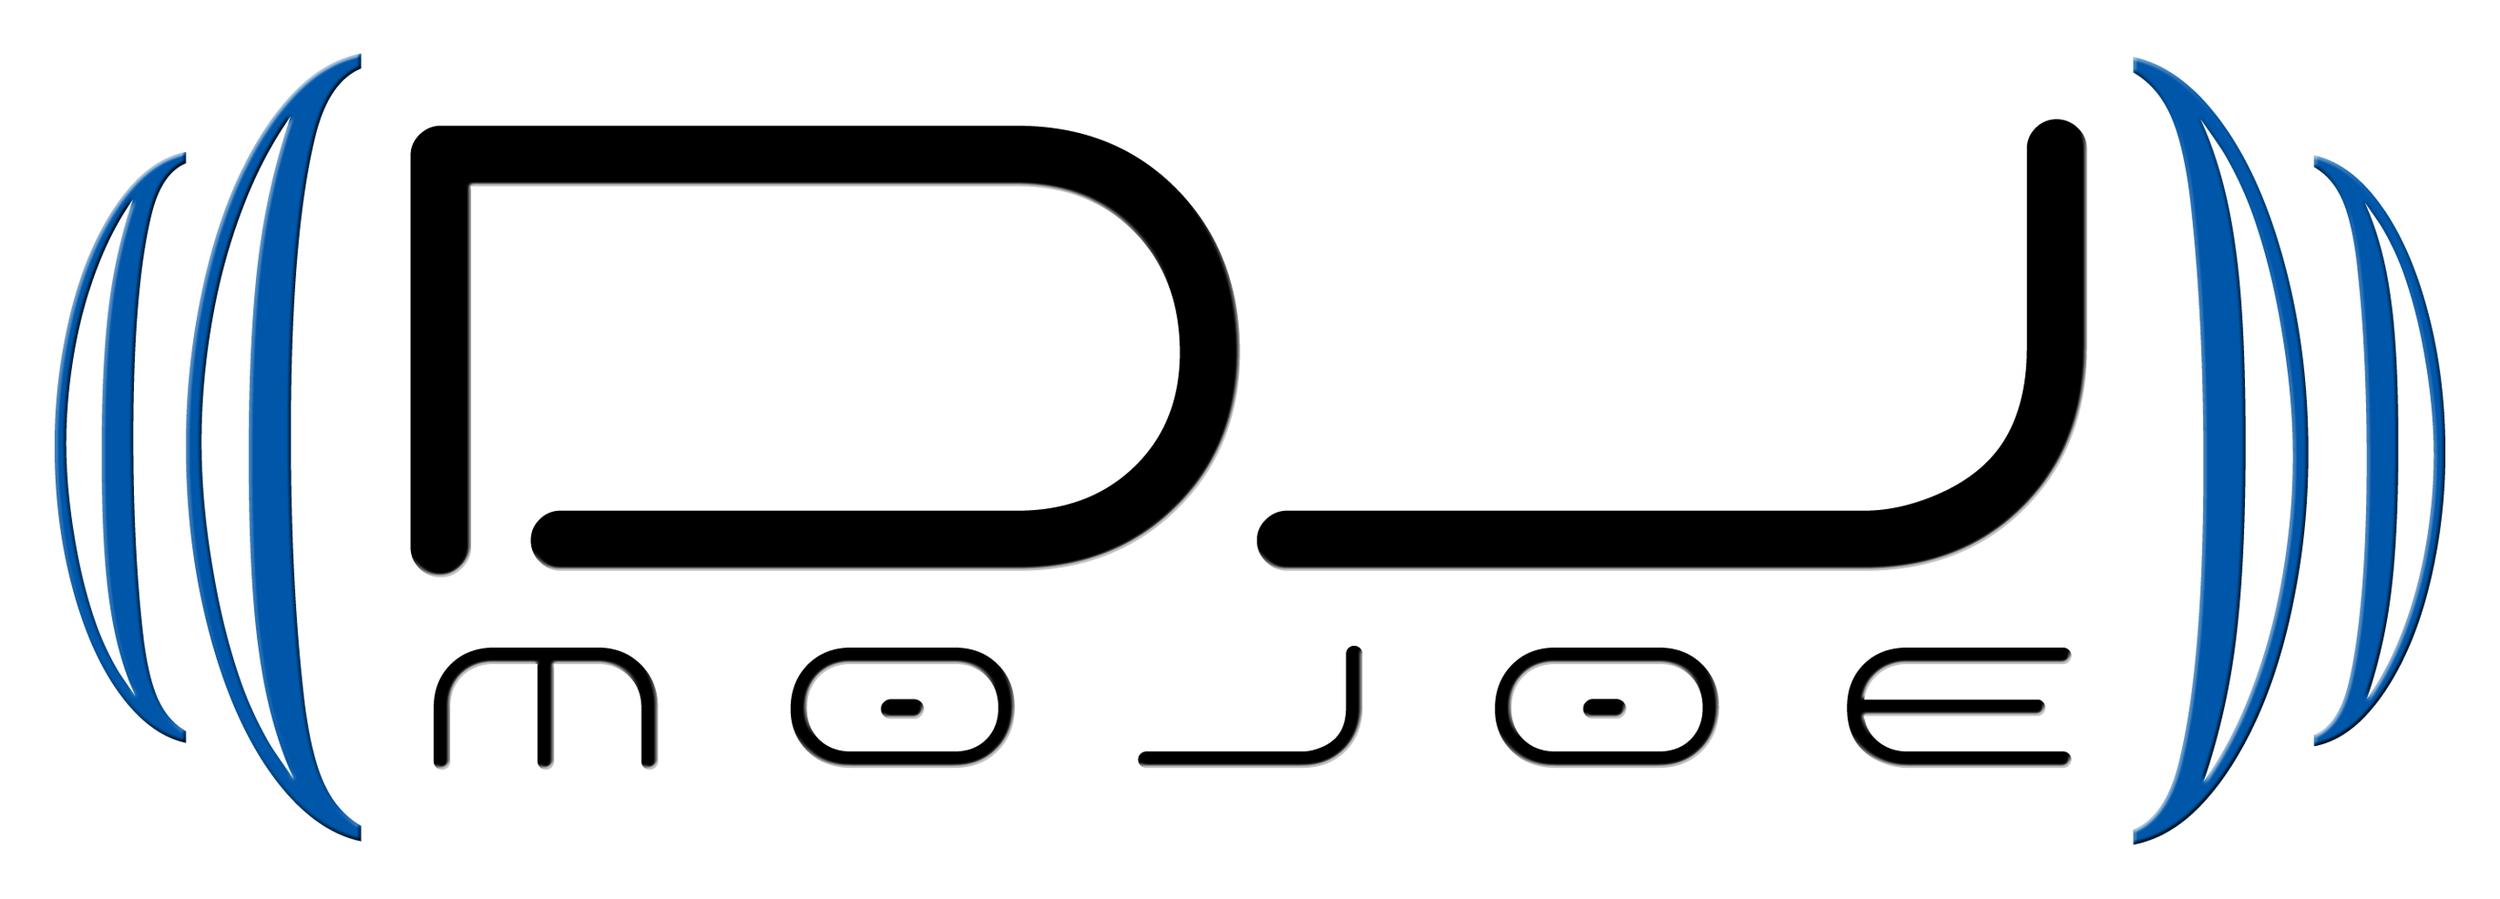 LogoWhiteRec.png